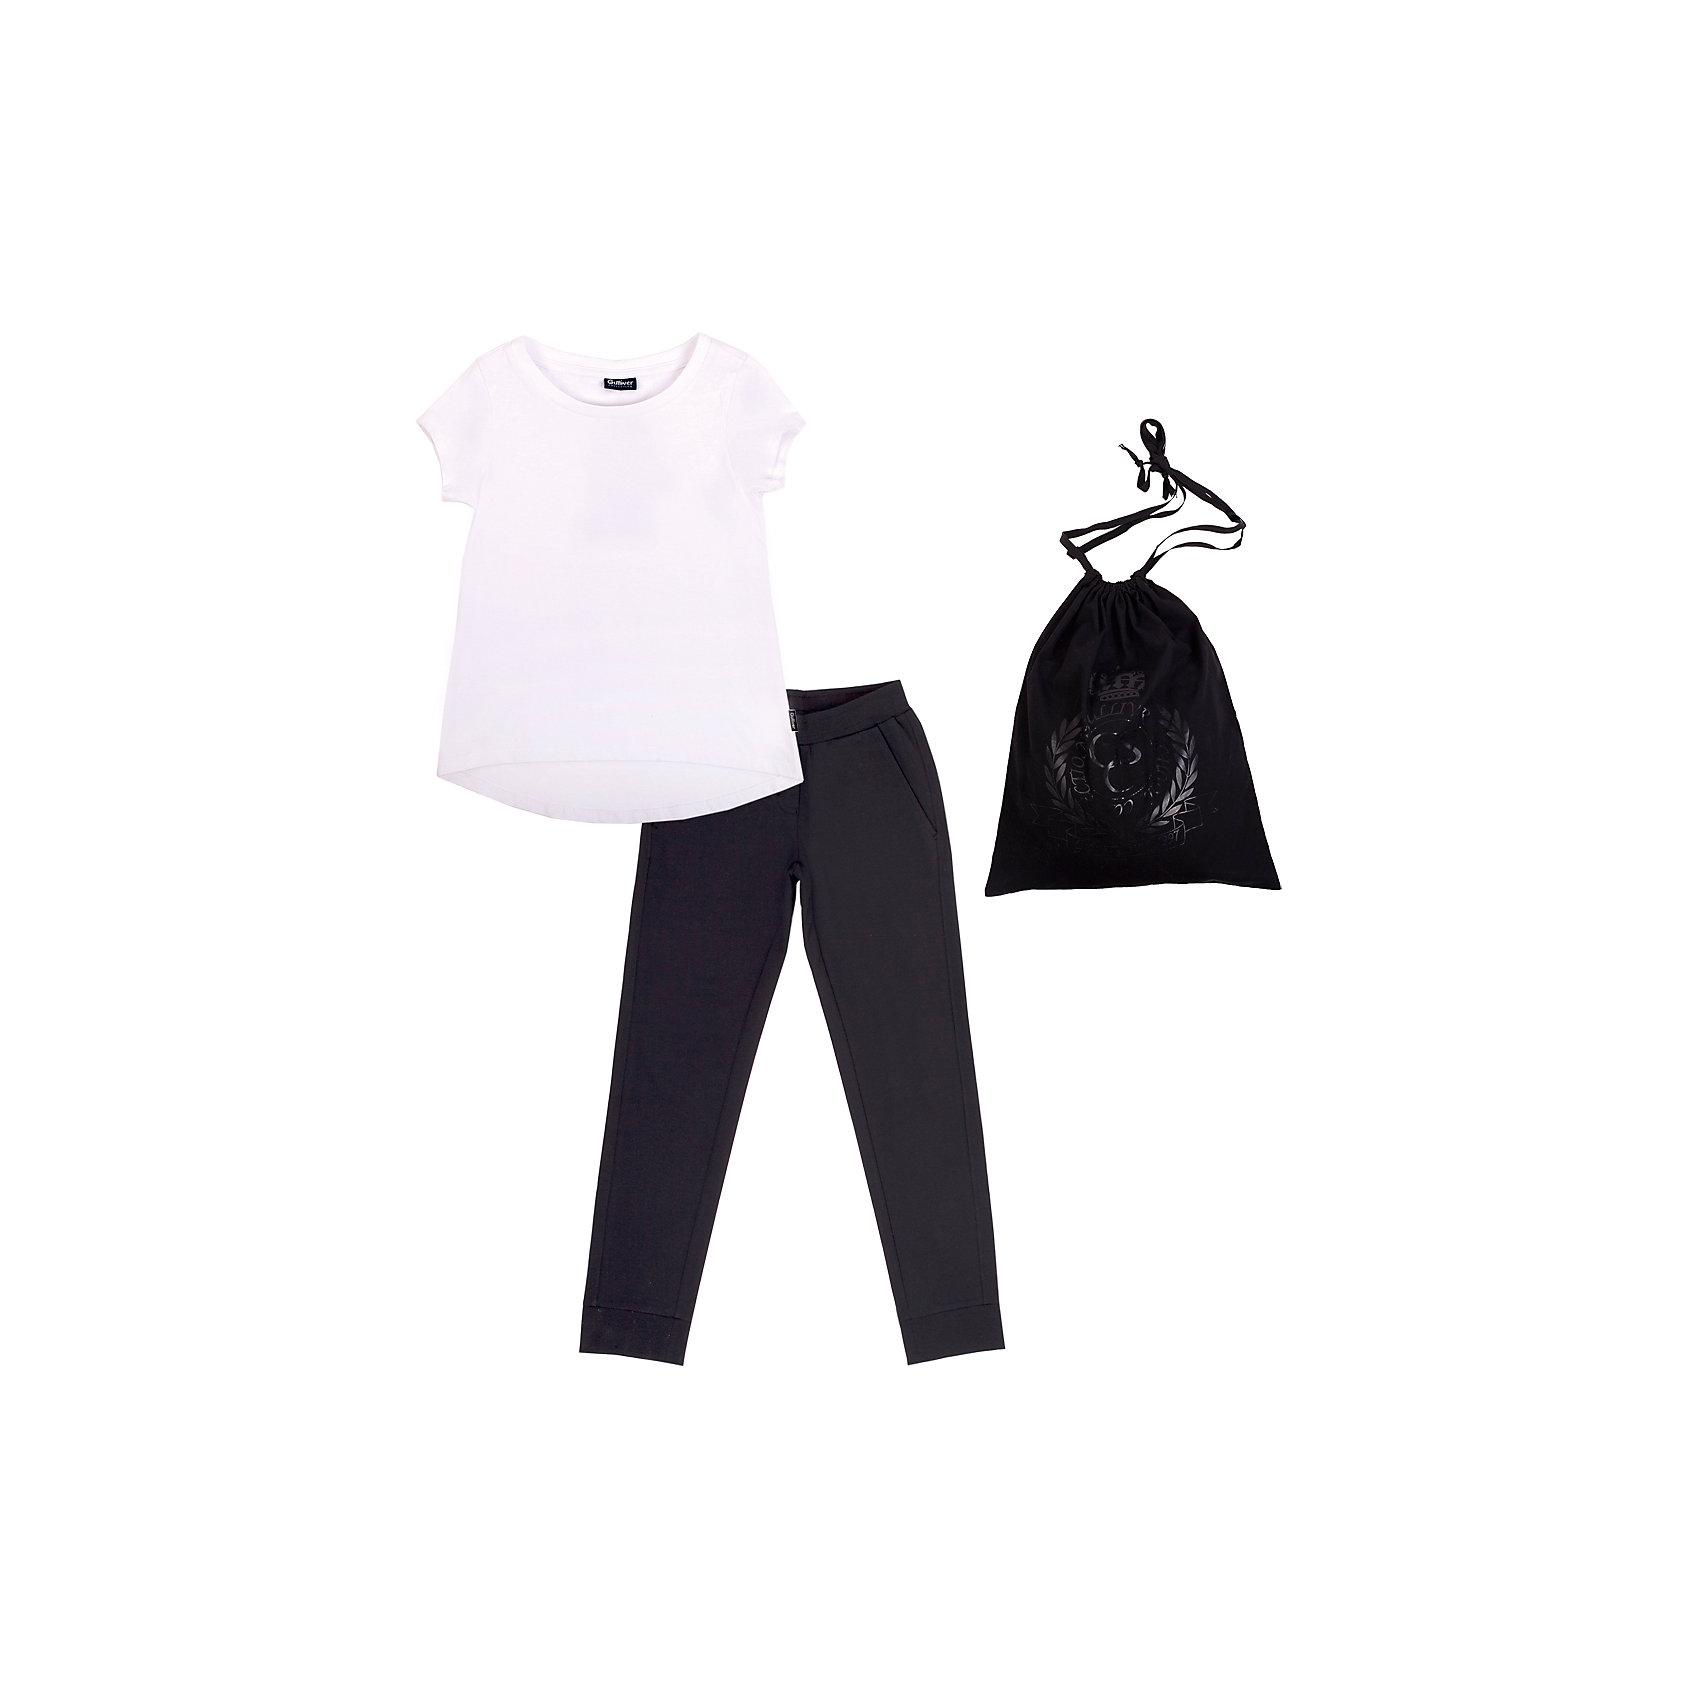 Комплект: футболка и брюки для девочки GulliverСпортивная форма<br>Комплект: футболка и брюки для девочки от российской марки Gulliver.<br>Белый верх, черный низ - готовое решение для занятий физкультурой и спортом. Прекрасно сидит, элегантно выглядит и, главное, соответствует требованиям школы! Великолепное хлопчатобумажное трикотажное полотно с небольшим содержанием эластана красиво облегает фигуру, не сковывая движений. Удобная фирменная упаковка с мерцающим полимерным принтом черного цвета не позволит затеряться футболке и брюкам  в школьной раздевалке. Также, этот комплект может служить отличным оригинальным подарком ученику к новому учебному году.<br>Состав:<br>Футболка: 95% хлопок 5% эластан           Брюки: 60% хлопок, 35% полиэстер,             5% эластан Мешочек: 100% хлопок<br><br>Ширина мм: 199<br>Глубина мм: 10<br>Высота мм: 161<br>Вес г: 151<br>Цвет: белый/черный<br>Возраст от месяцев: 120<br>Возраст до месяцев: 132<br>Пол: Женский<br>Возраст: Детский<br>Размер: 146,122,140,128,134,152,158<br>SKU: 4174873